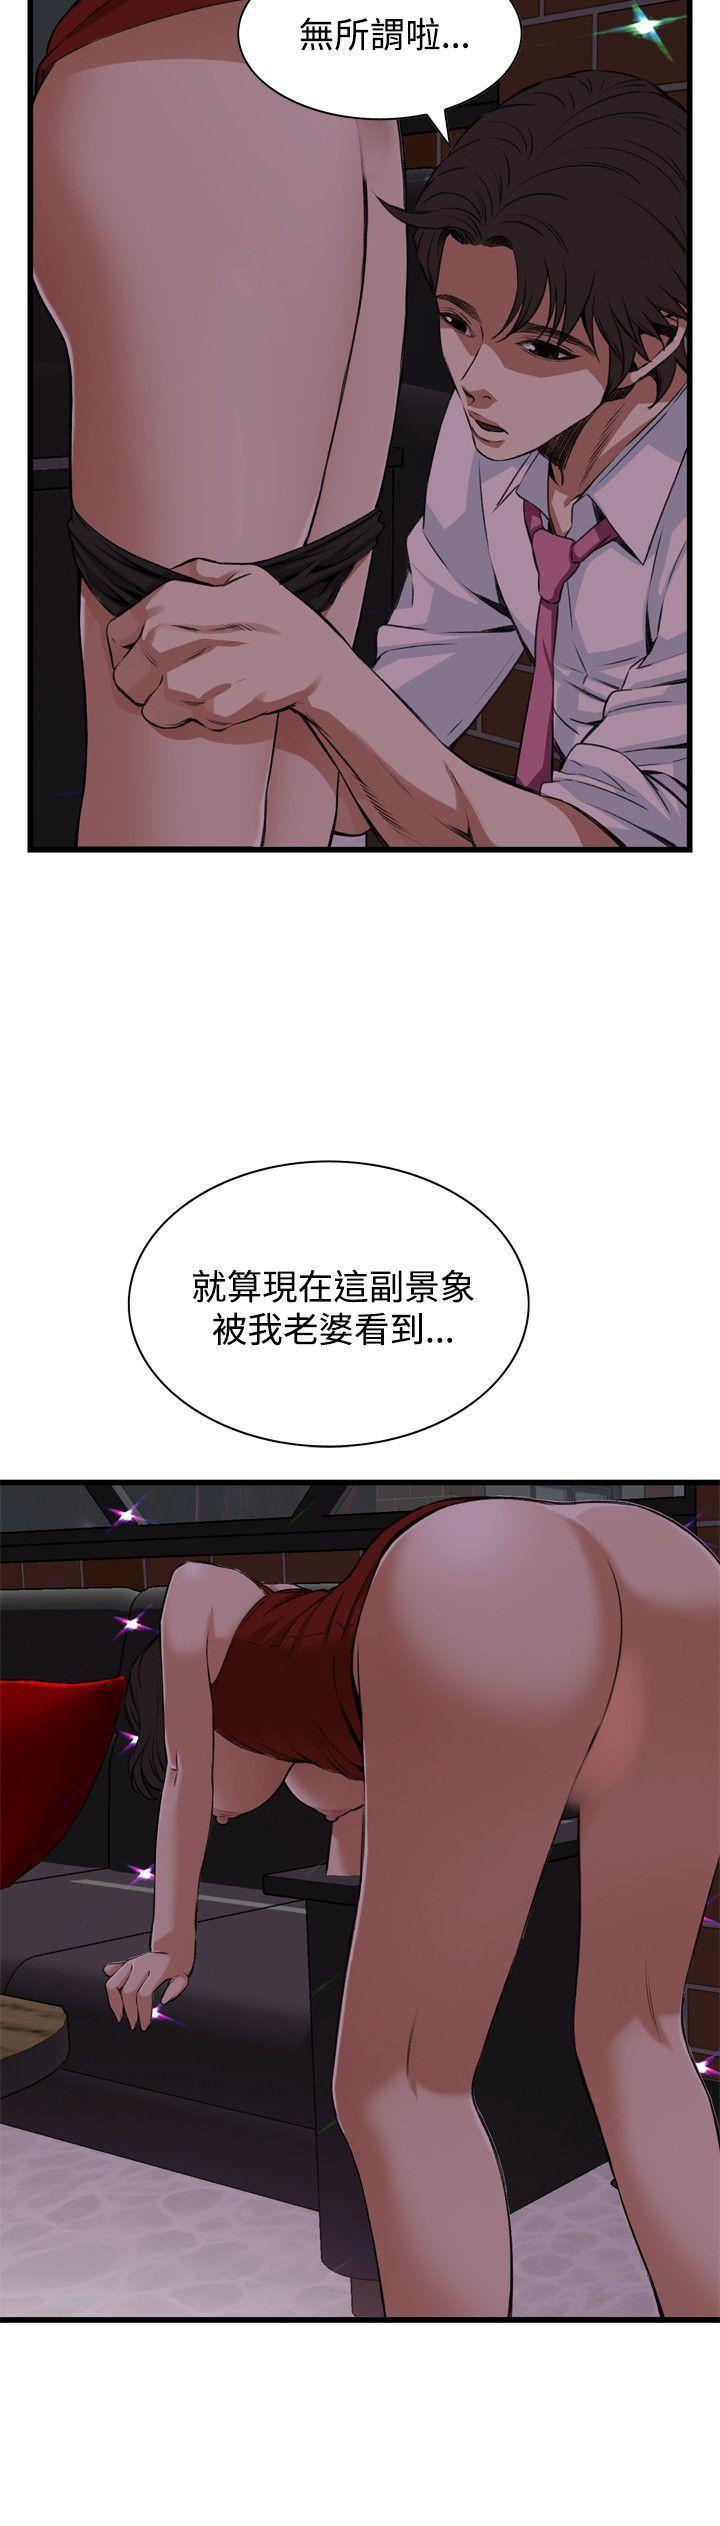 偷窥72-93 Chinese Rsiky 50